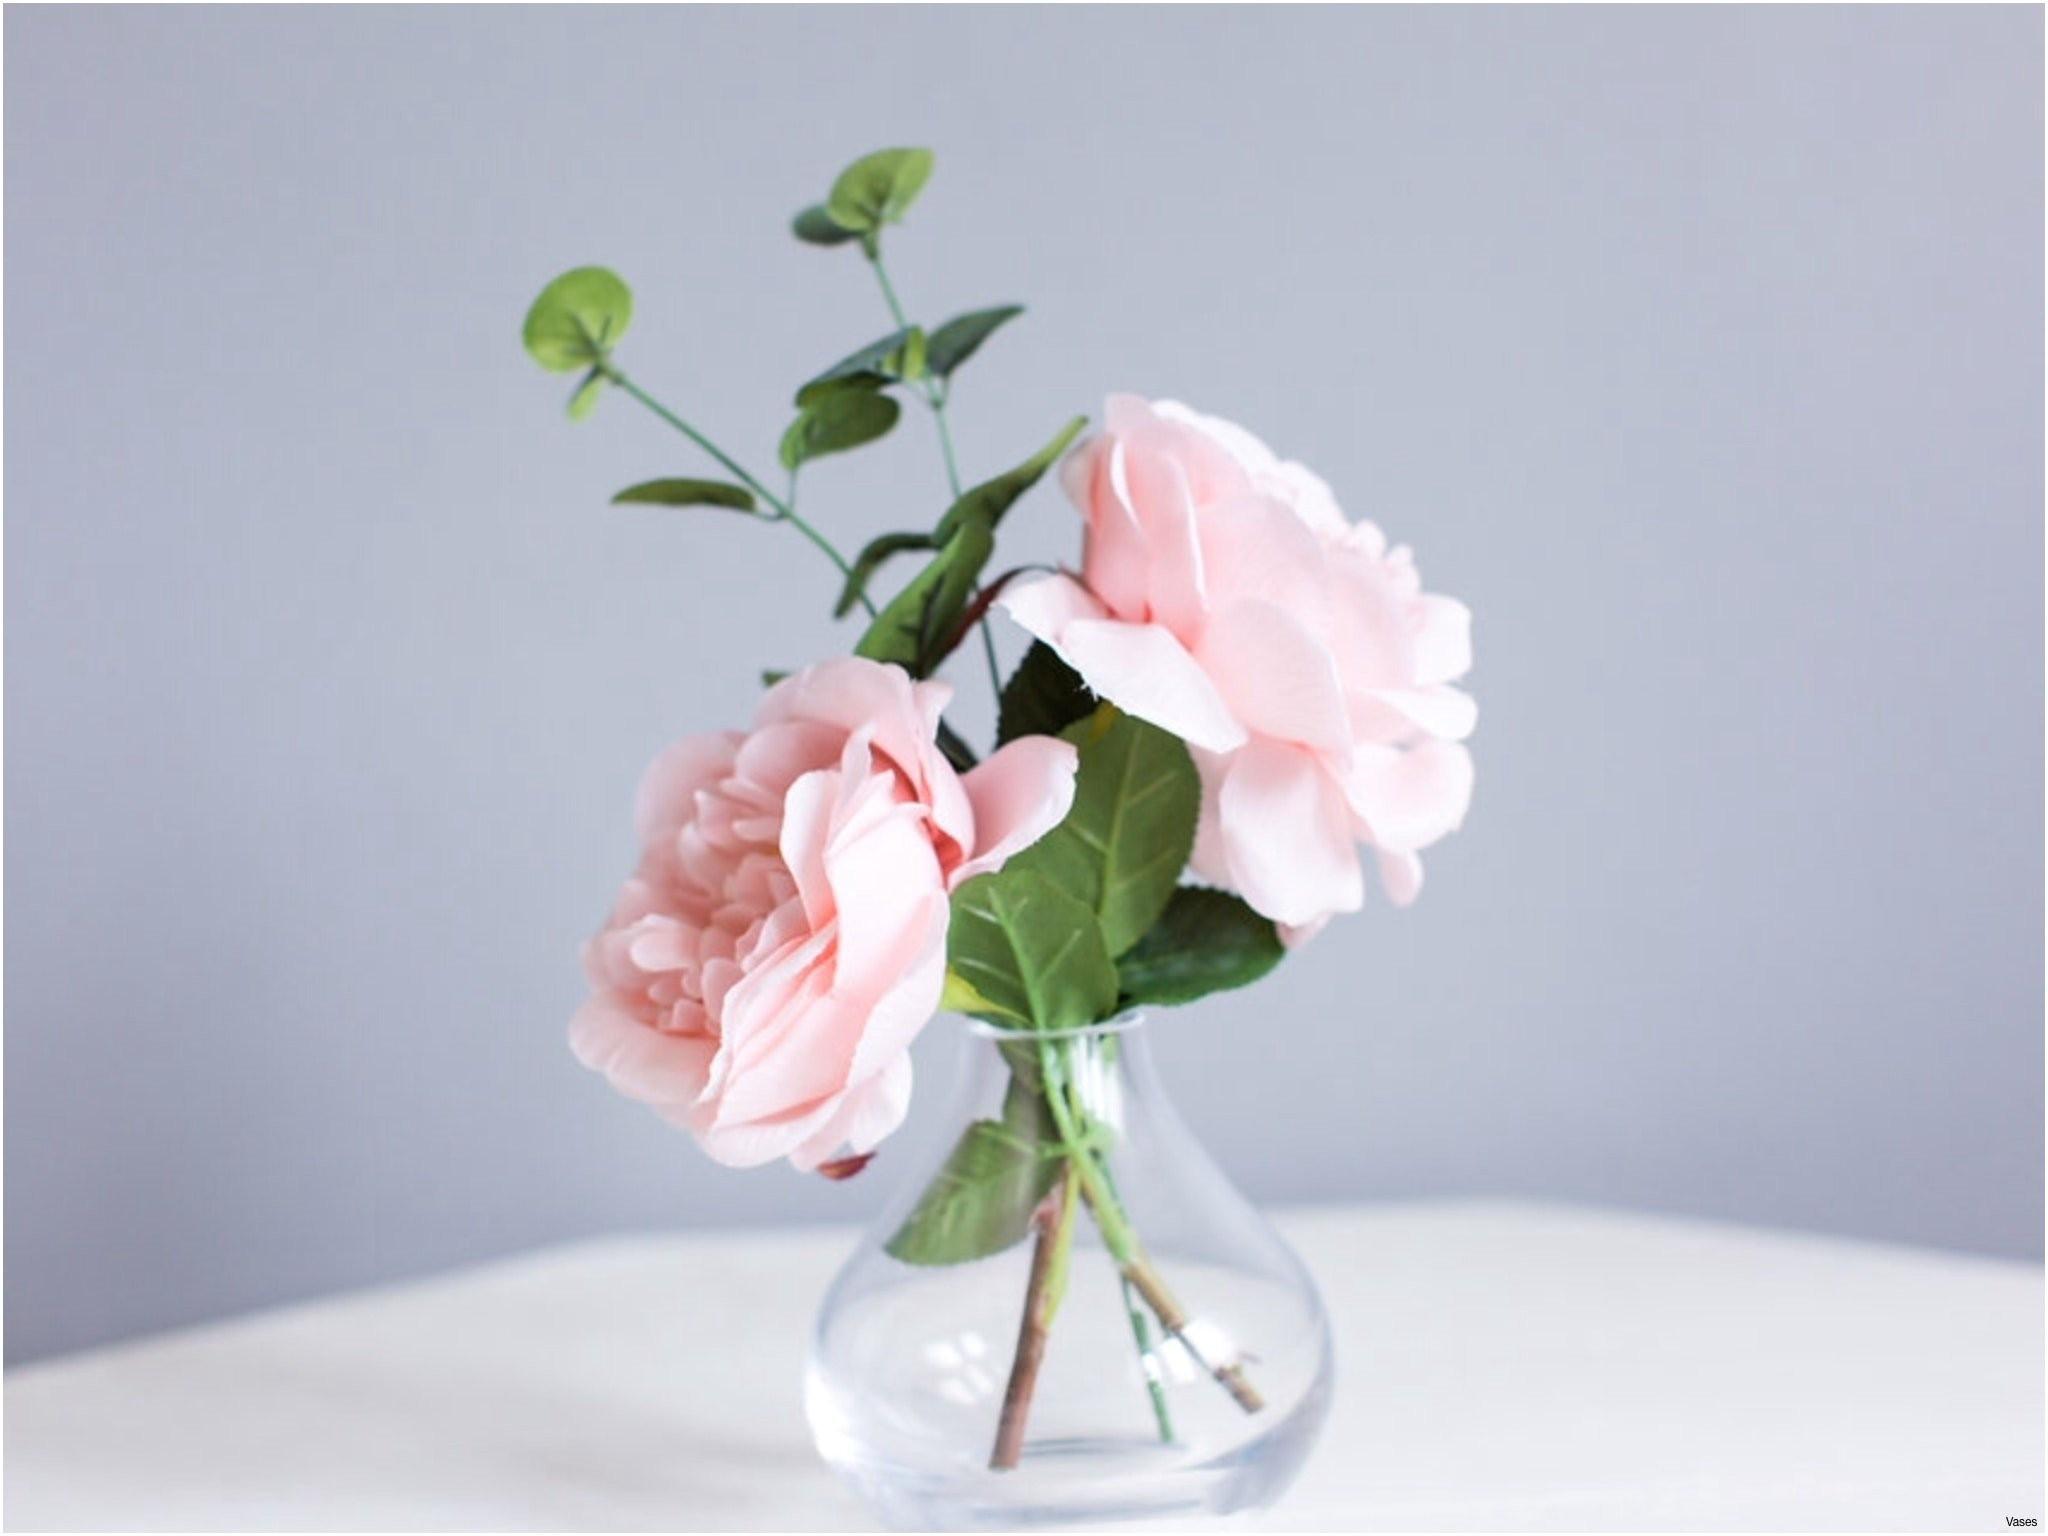 picture frame vase centerpiece of 24 best of rose petals on bed bedroom designs ideas within blue flower petals stunning wedding flower petals h vases bud vase